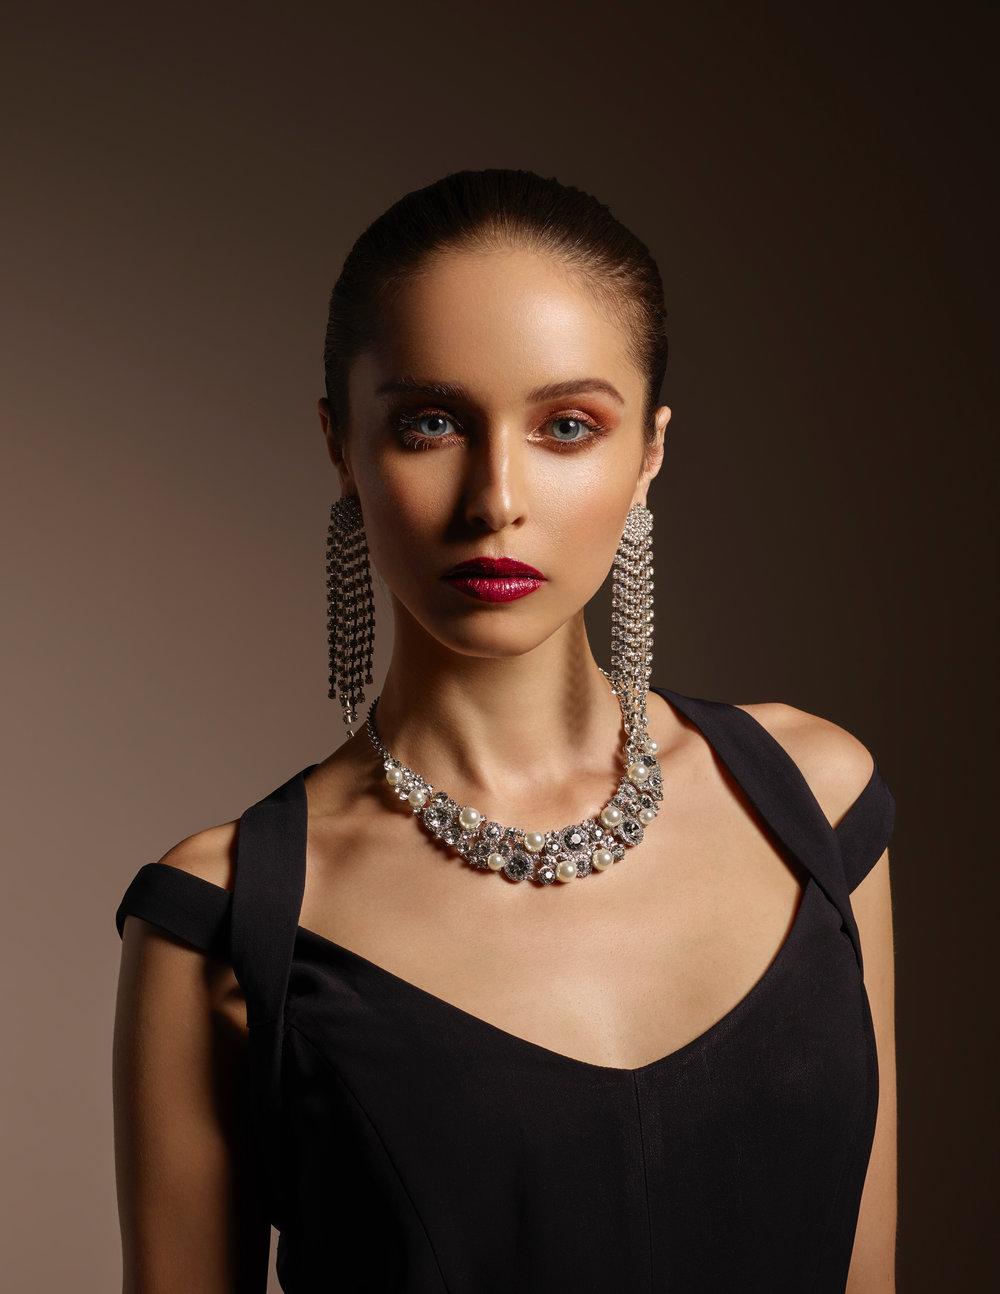 Beauty and Fashion RetouchingWith Tyler Mitchell -